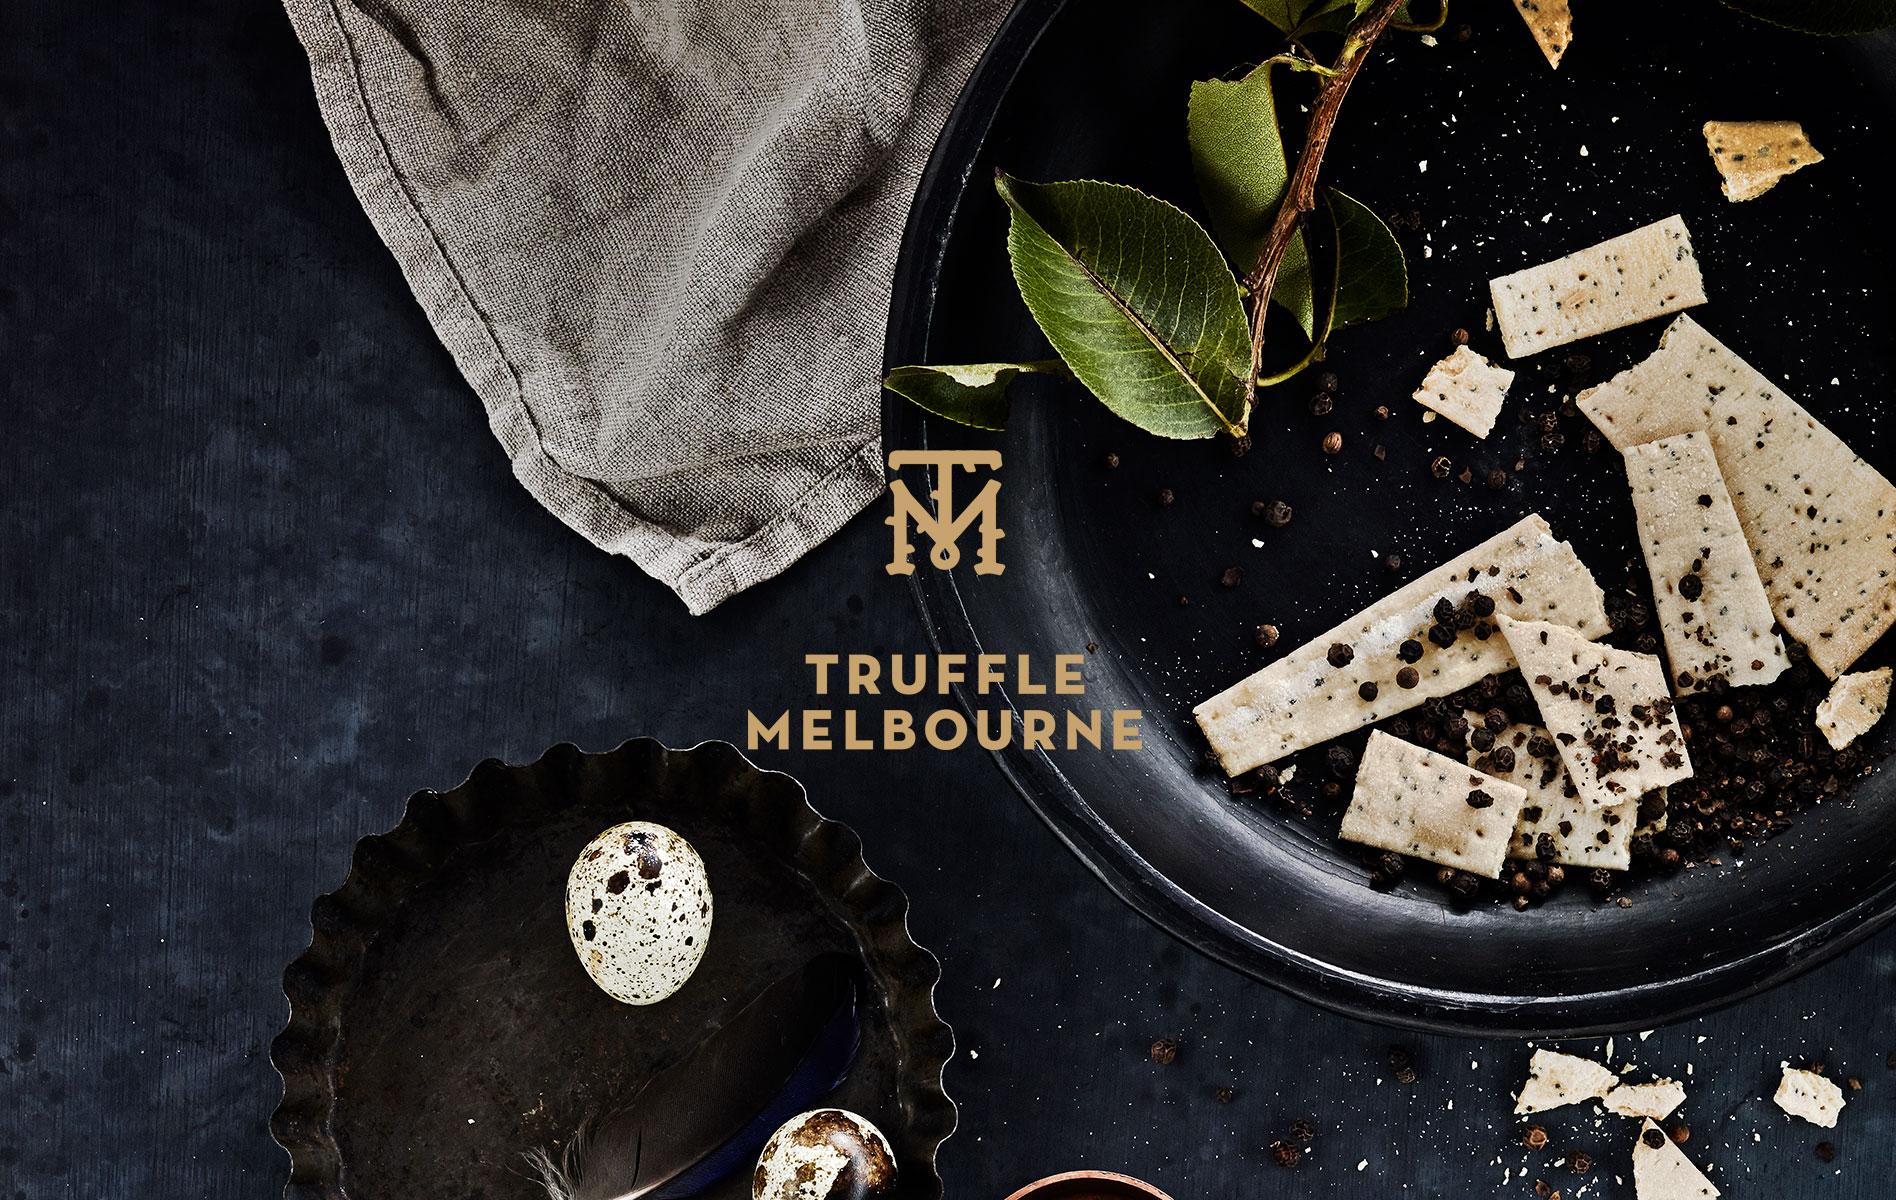 Truffle Melbourne